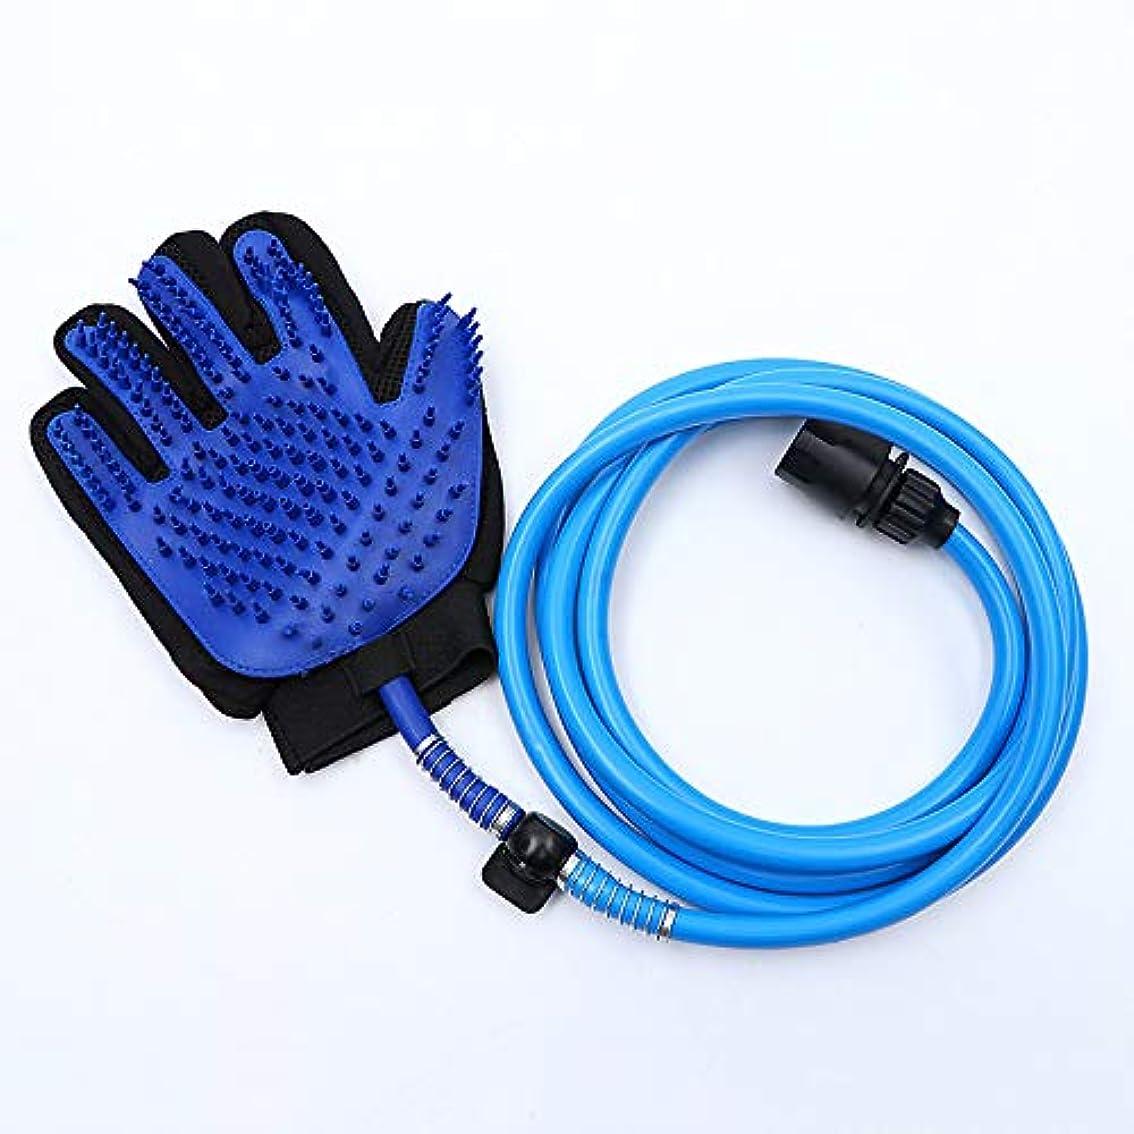 本能薄いリファインBTXXYJP 手袋 ペット ブラシ グローブ 猫 ブラシ 抜け毛取り クリーナー ブラッシング マッサージブラシ 犬 グローブ ペット毛取りブラシ お手入れ (Color : Blue, Size : L)